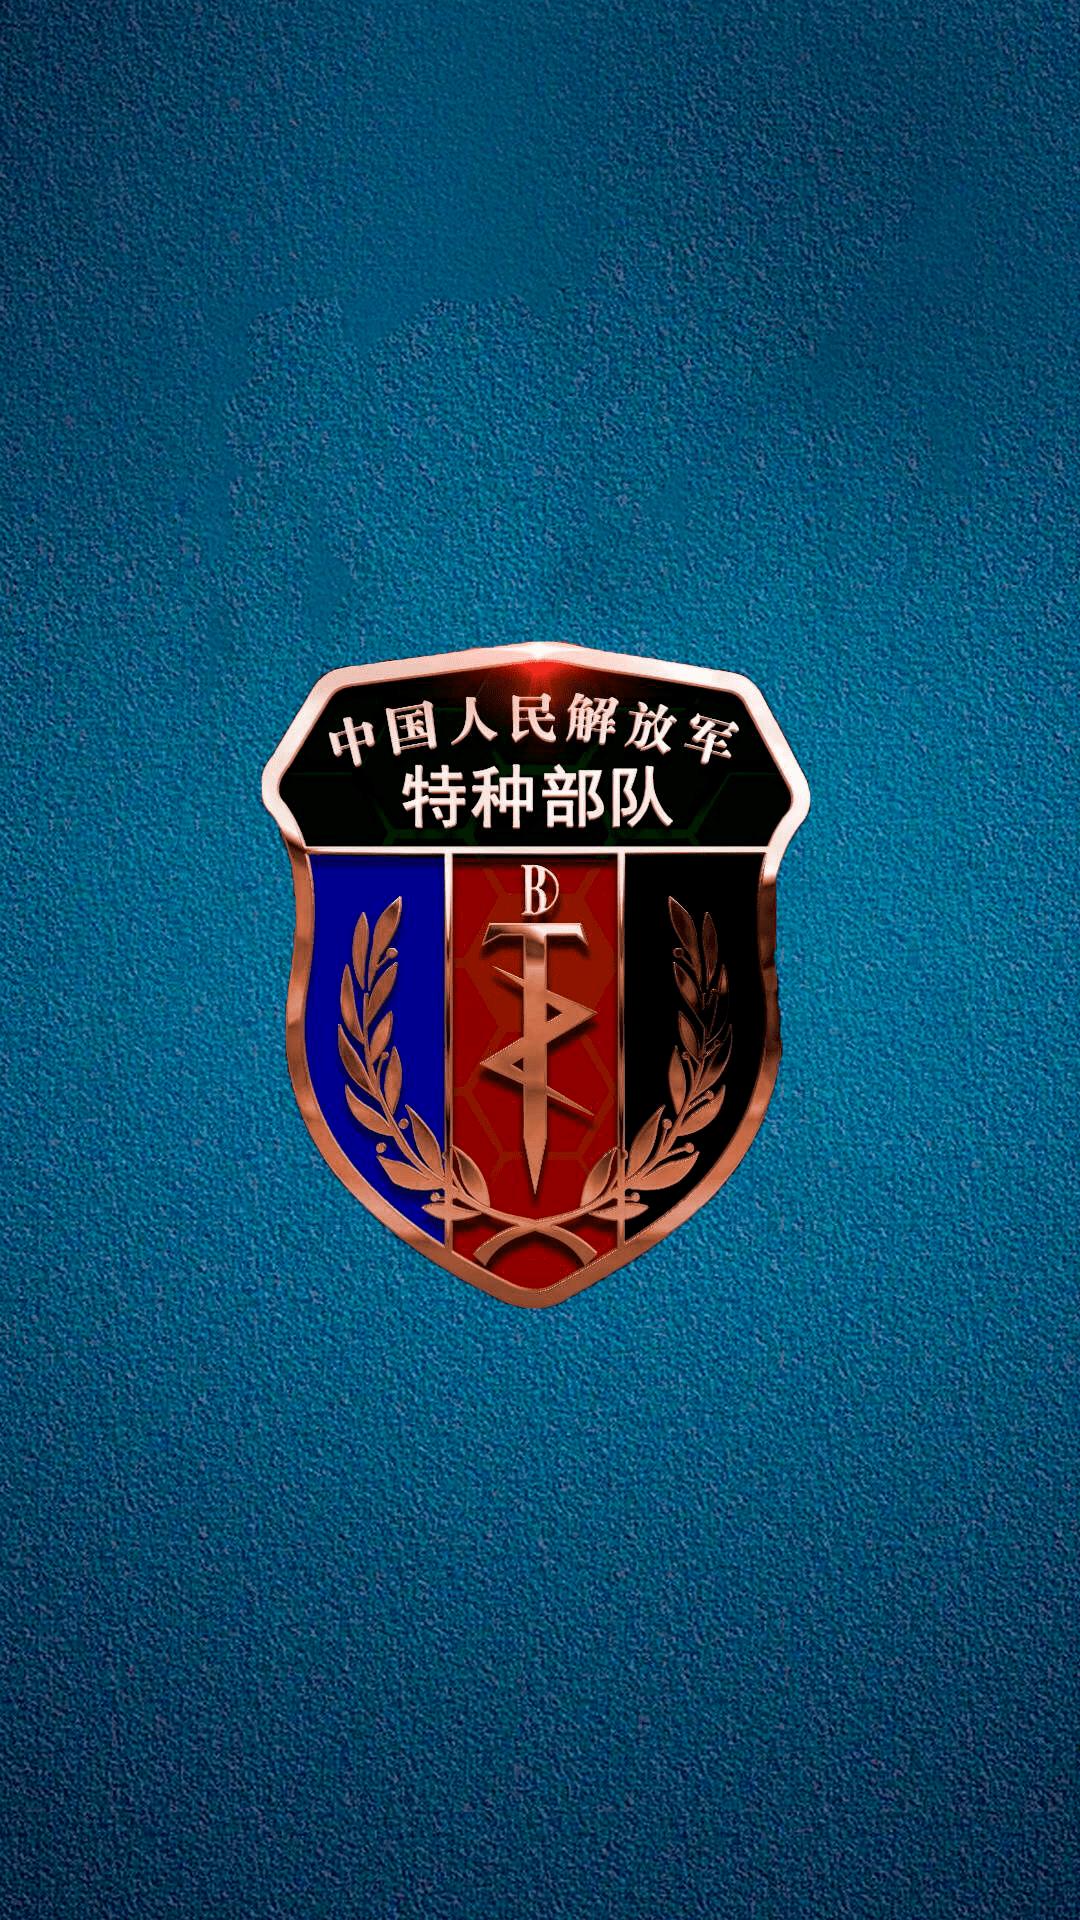 中国人民解放军特种部队徽章图片